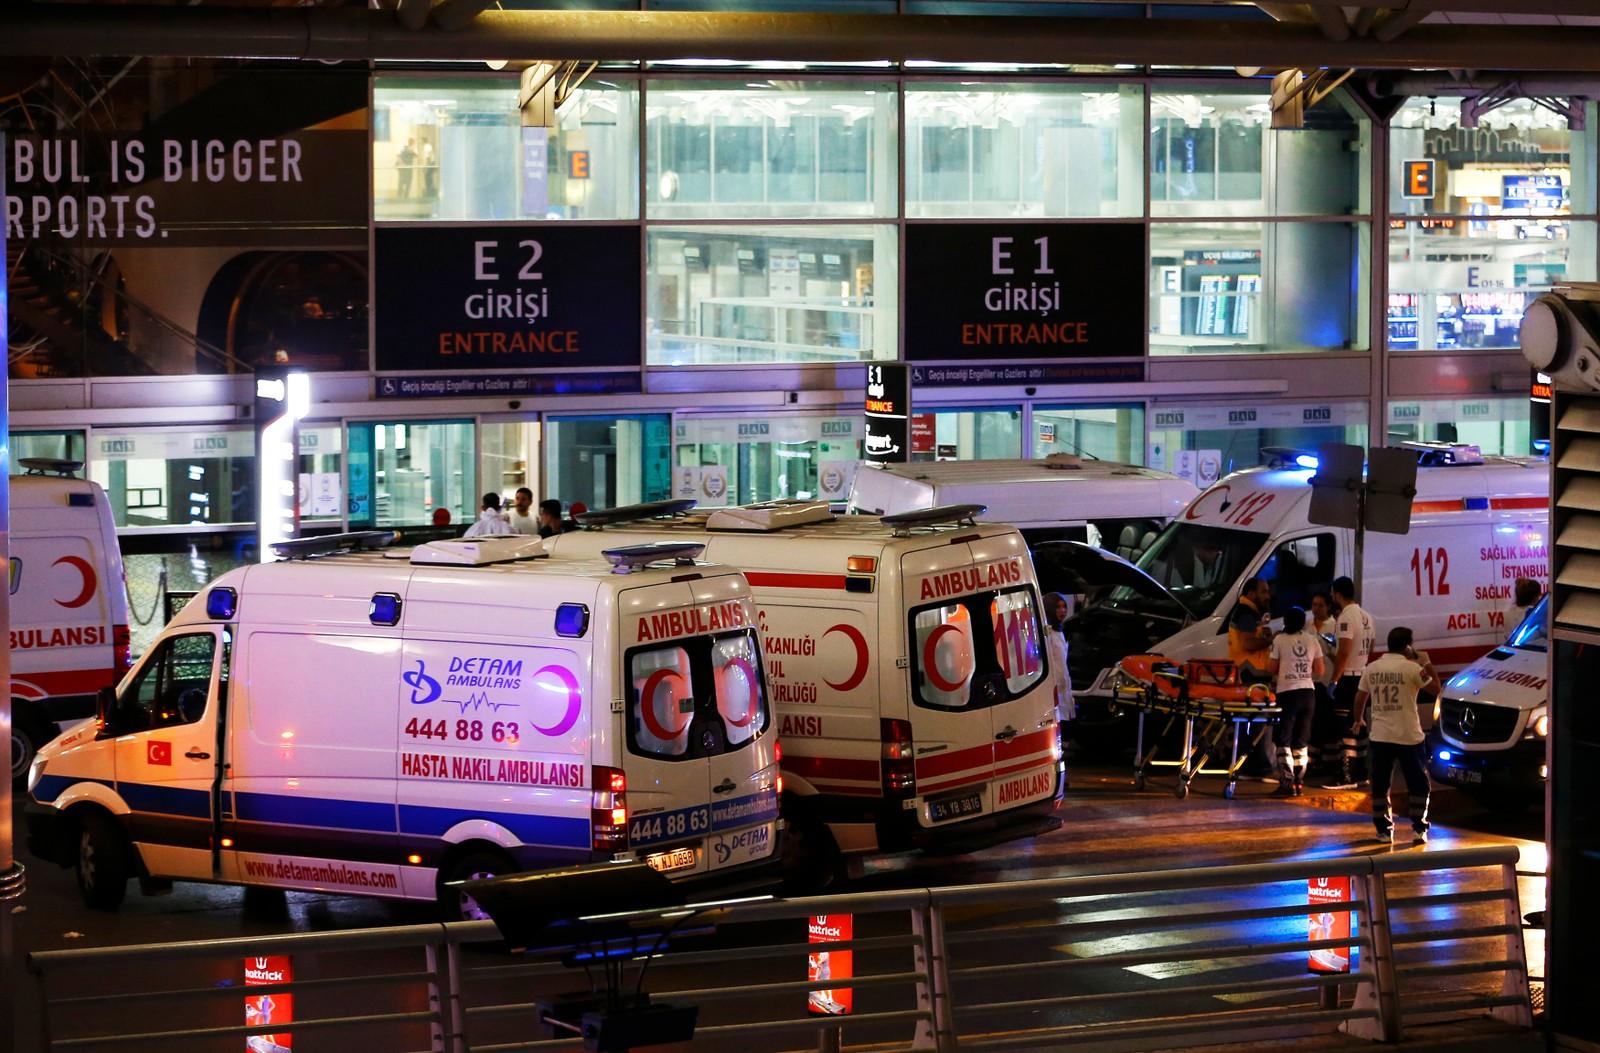 Ambulanser ved inngangen til Istanbul Atatürk flyplass.